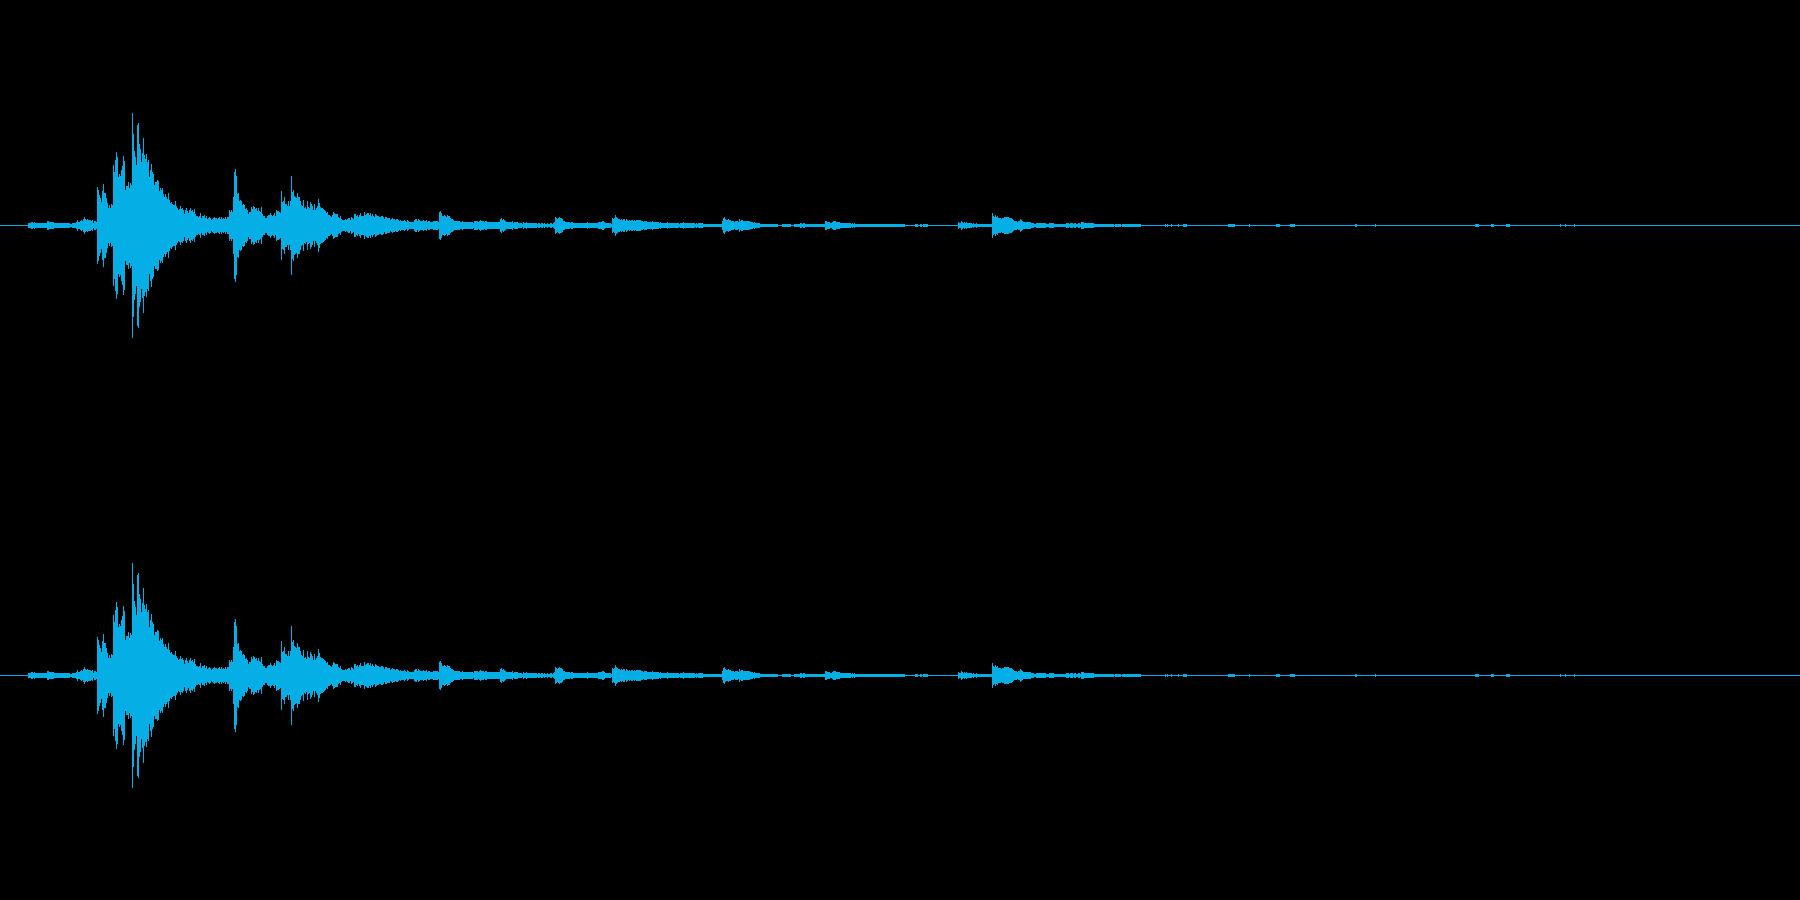 メタル ウィンドベルリンギング02の再生済みの波形